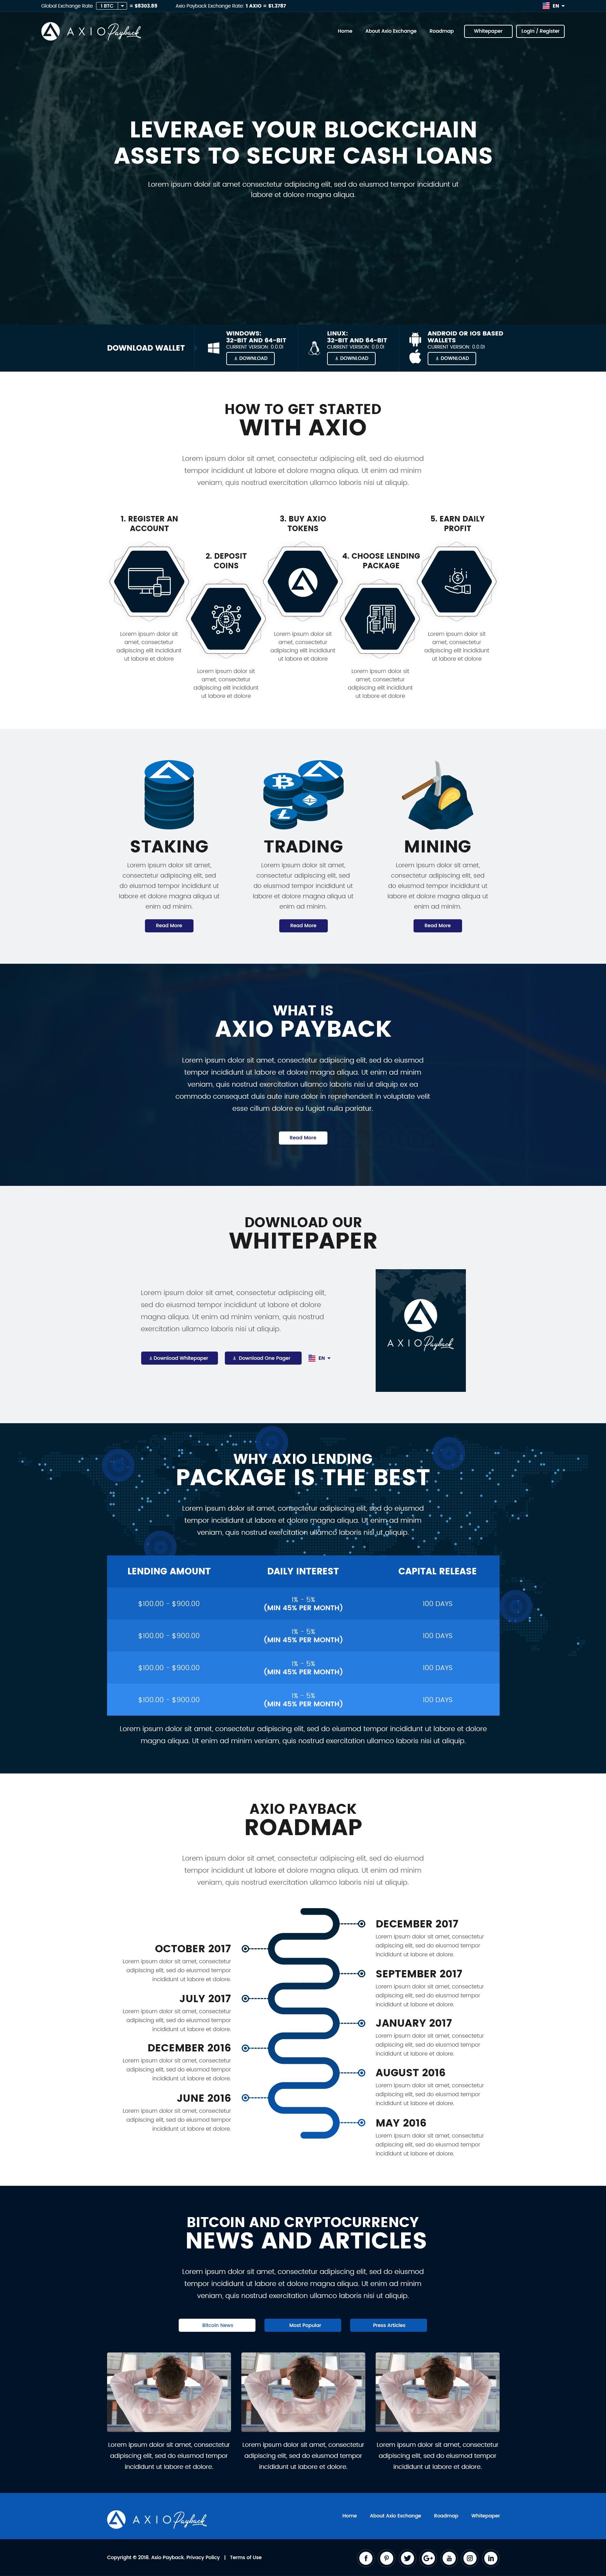 CrytoCurrency Lending Plan Website Design